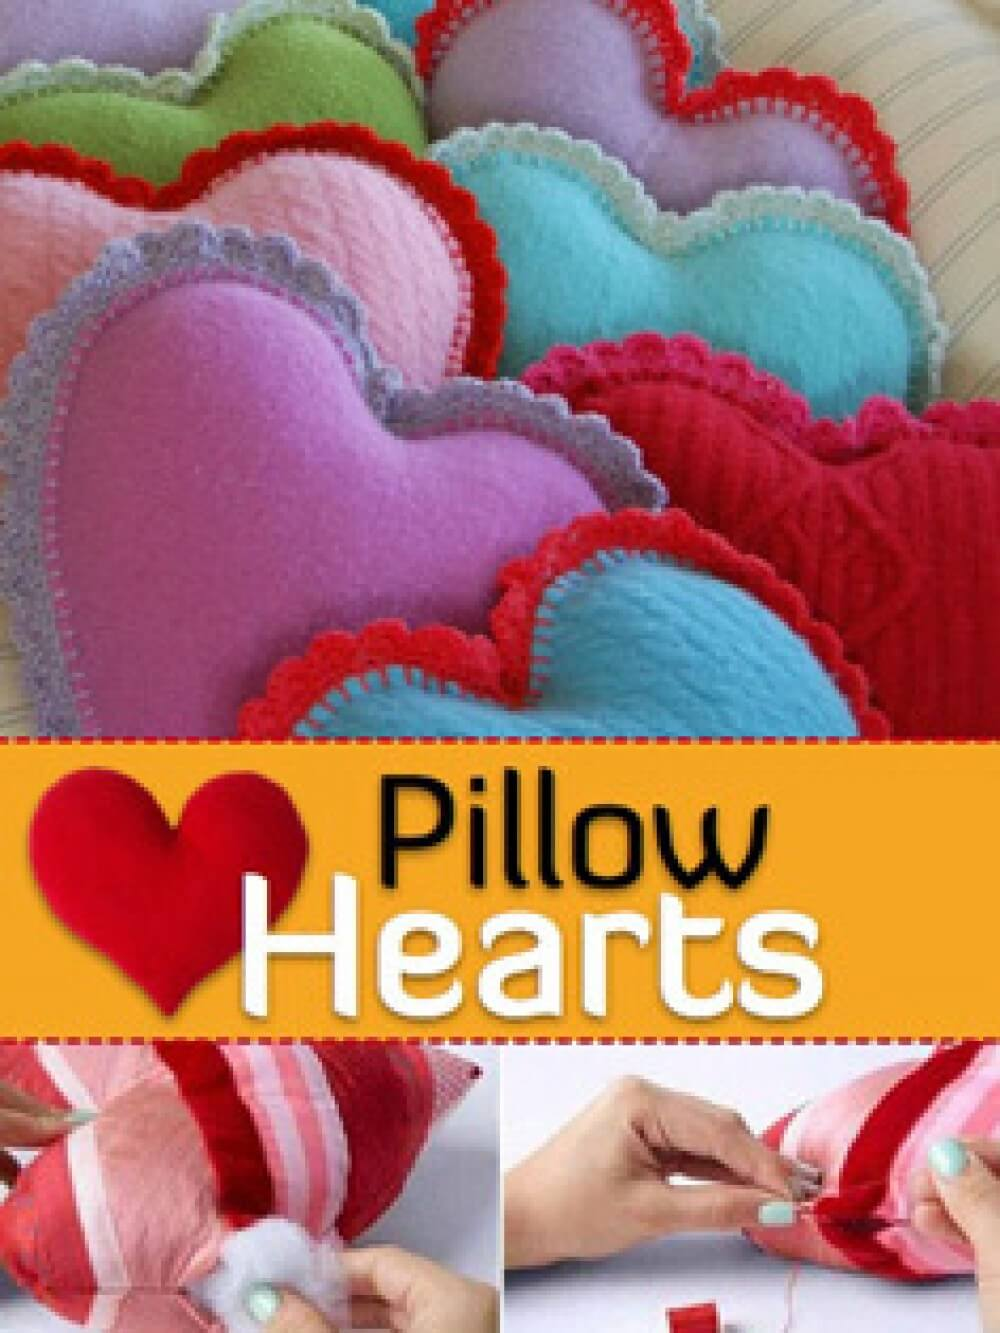 pillow_hearts_vertical_web